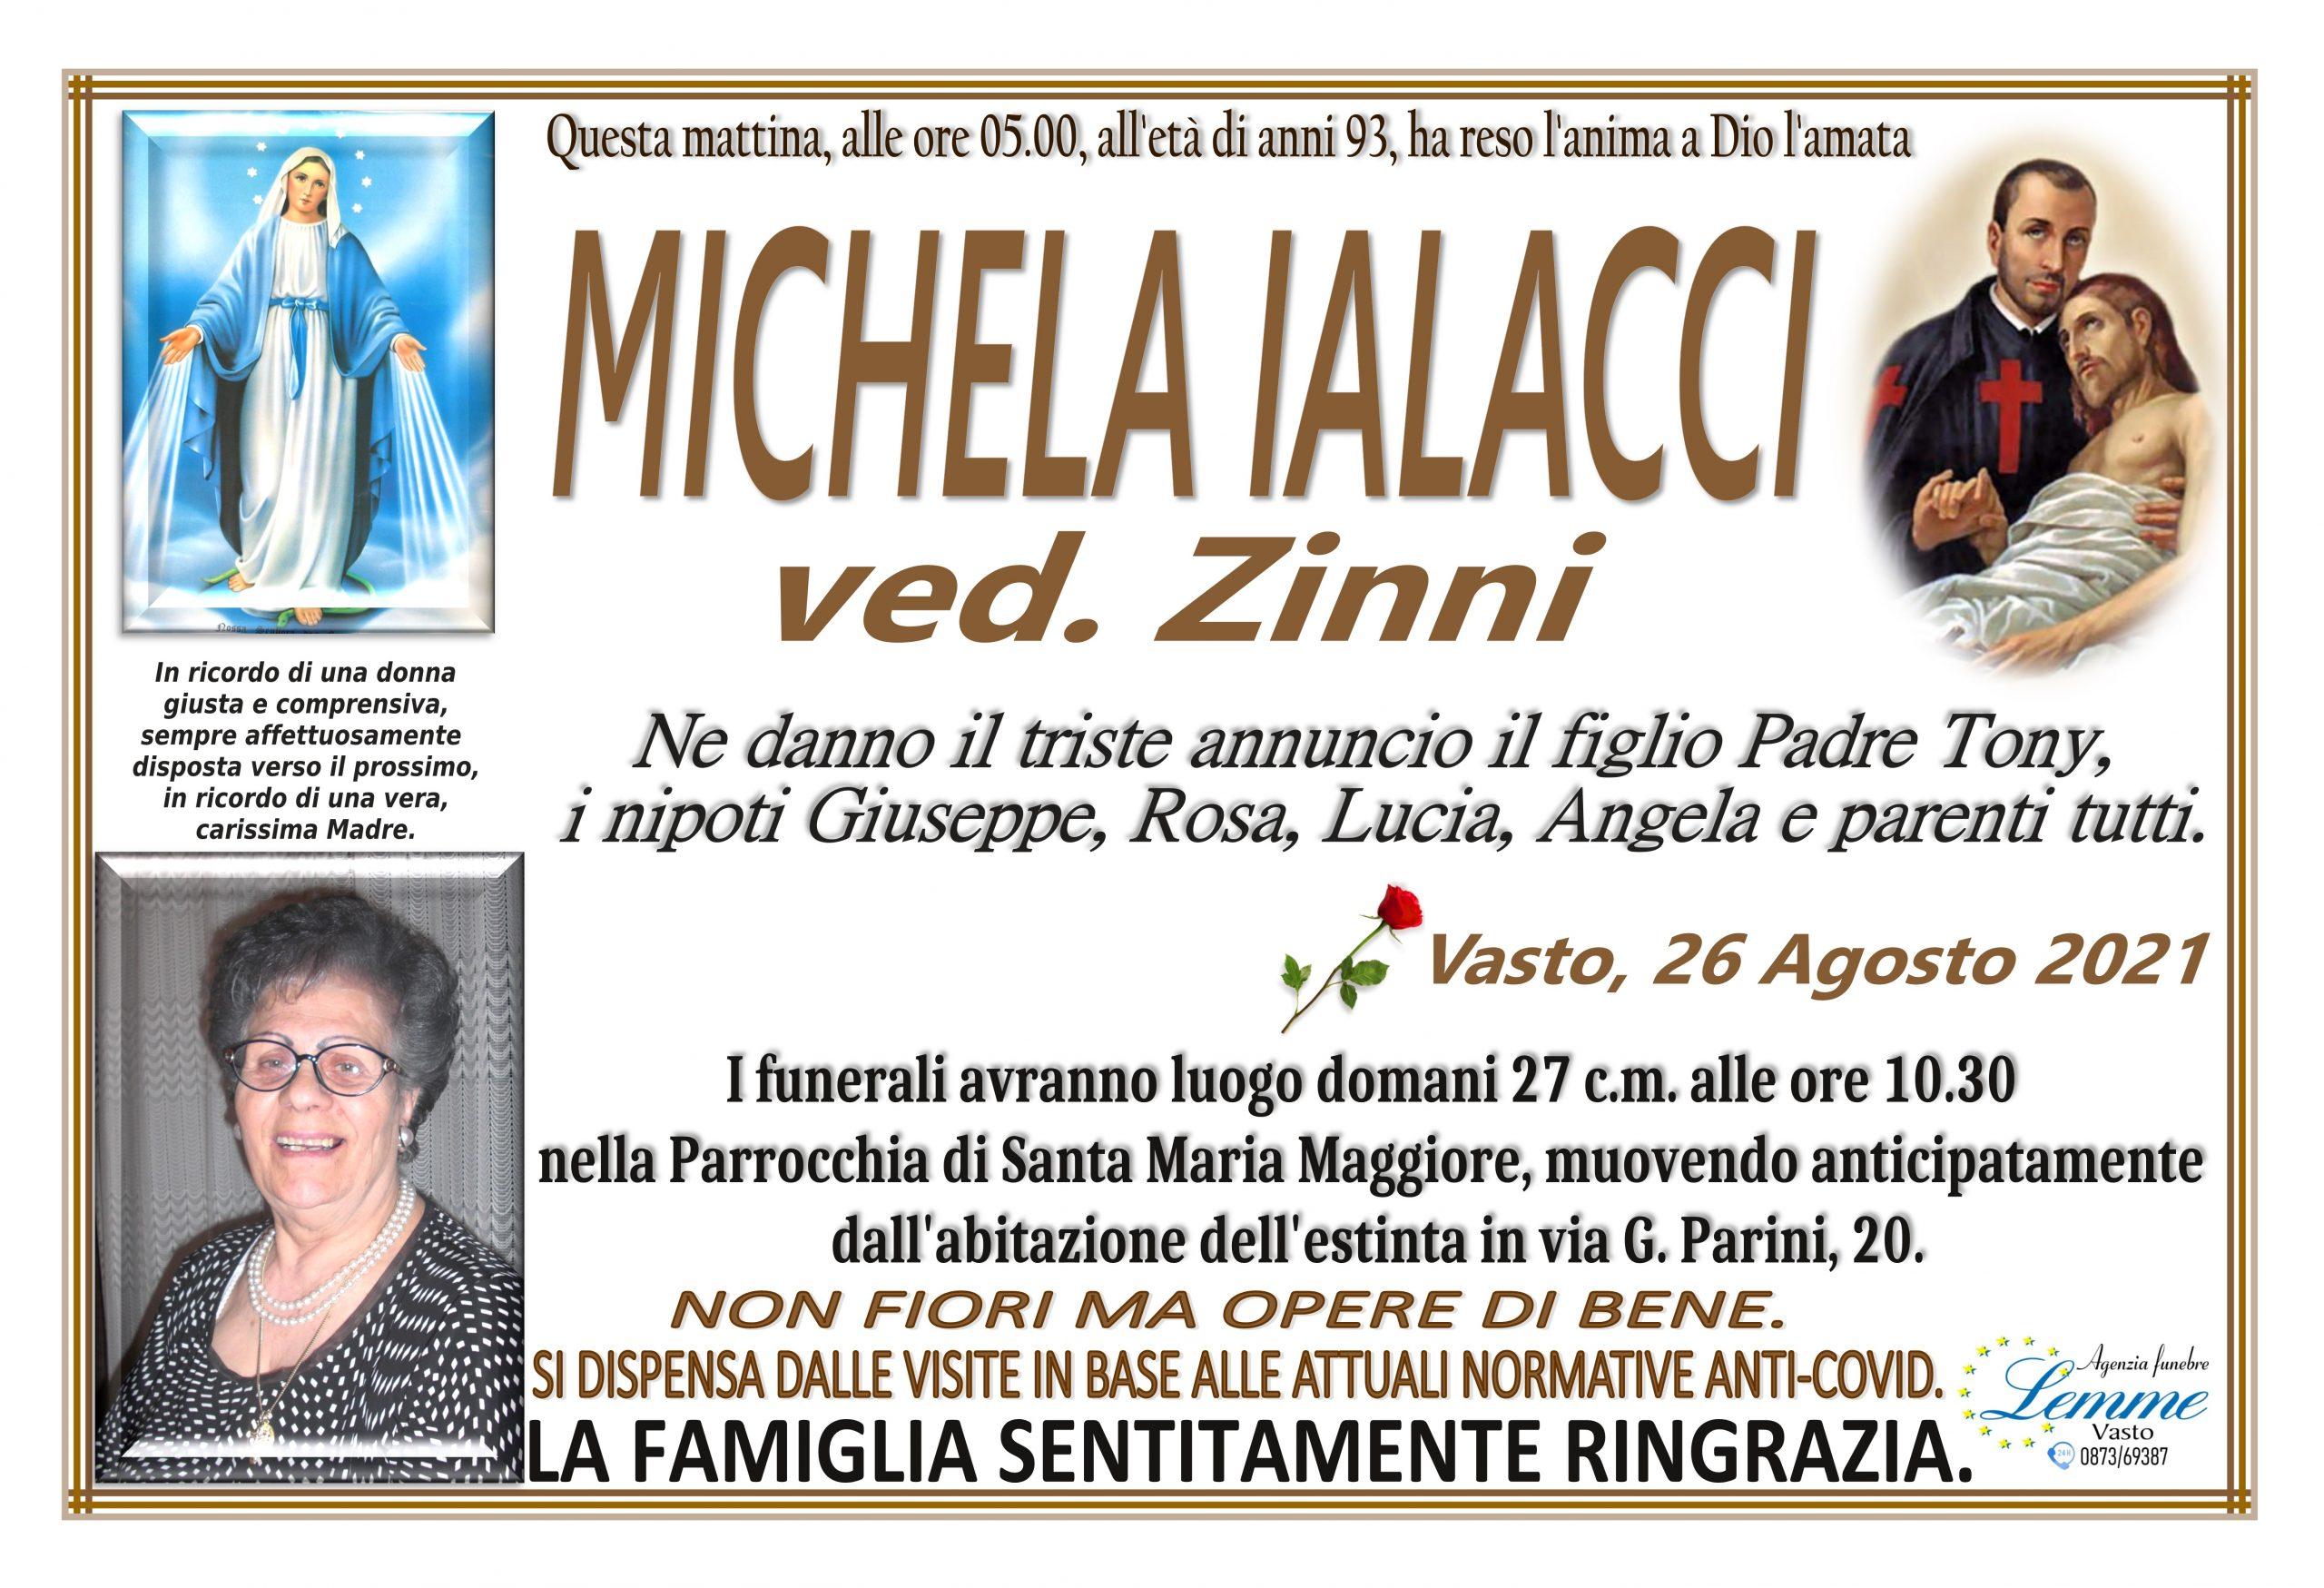 MICHELA IALACCI